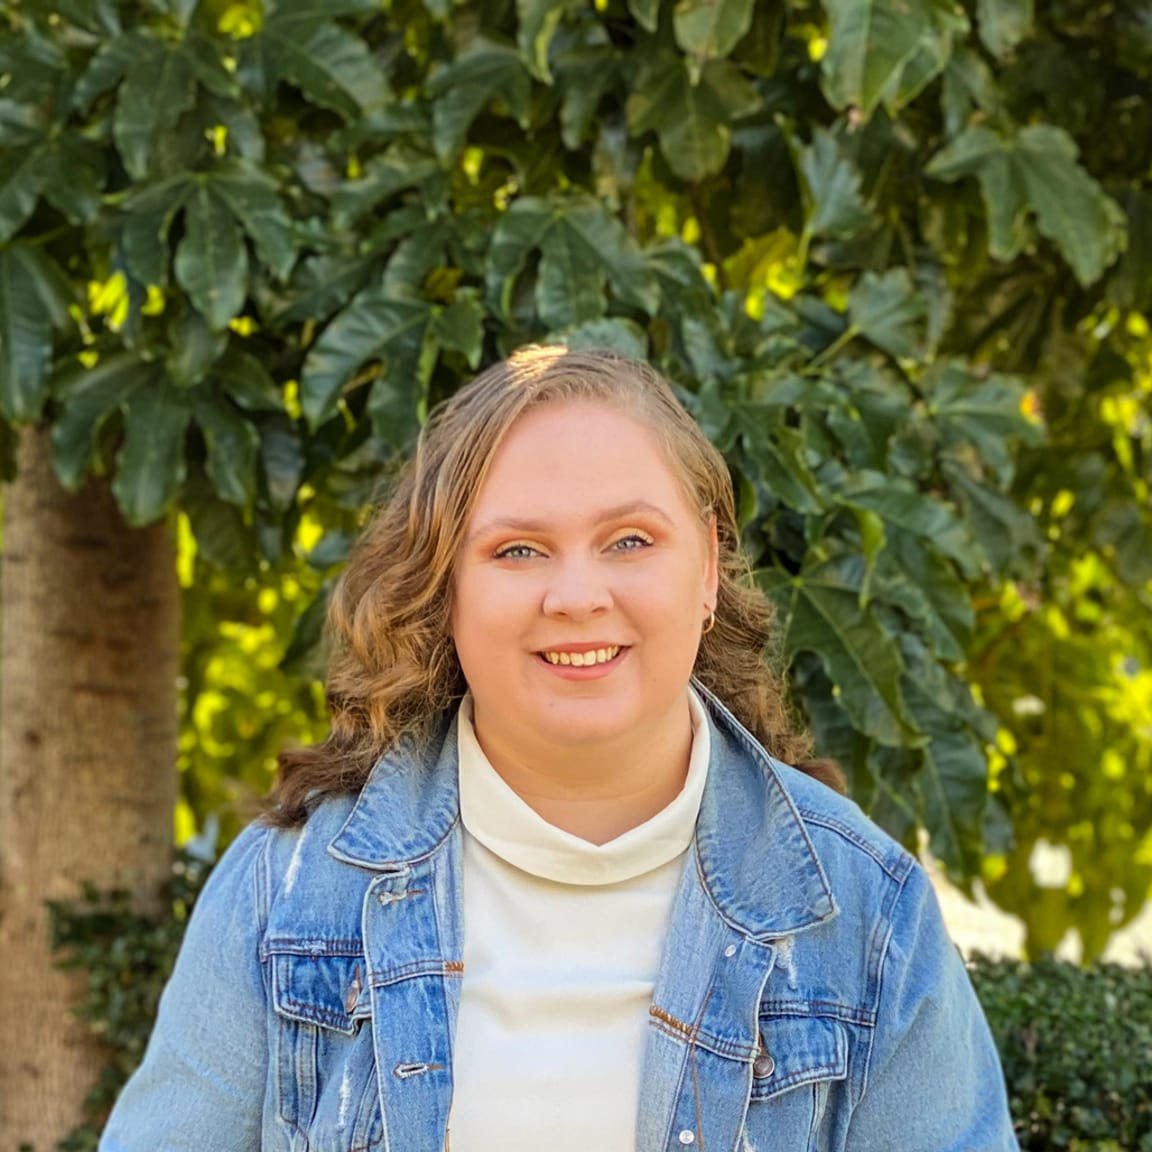 Alexandra Wells - Westfield Local Heroes 2020